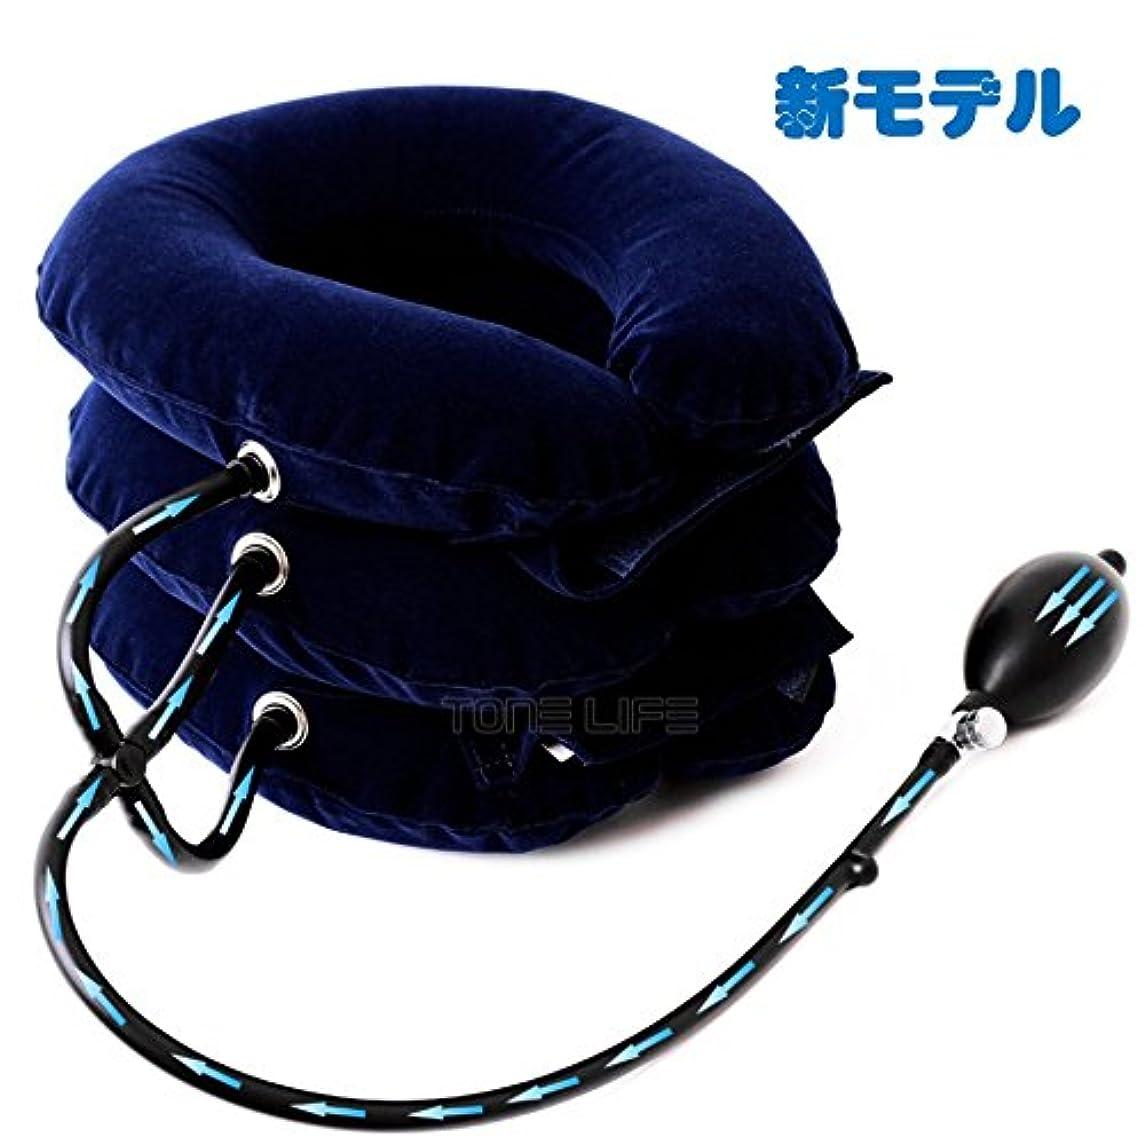 回転する高音カートンTONELIFE 3つ又チューブ エアー ネックストレッチャー 頚椎カラー 軽量 首サポーター 頸椎牽引装置 三つ叉ポンプ式 説明書付き (ブルー/蓝色)